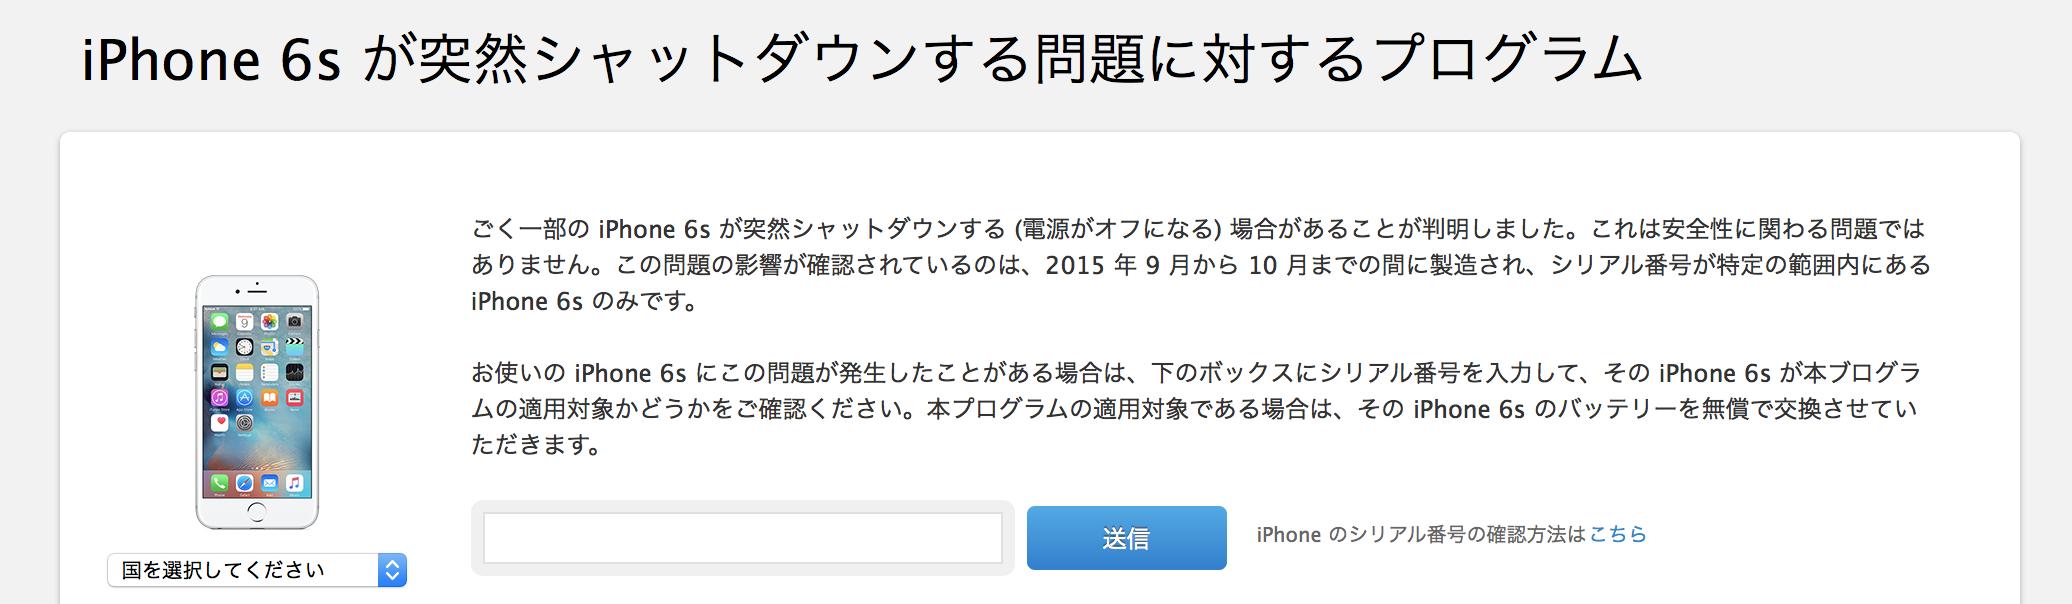 apple-iphone6s-program